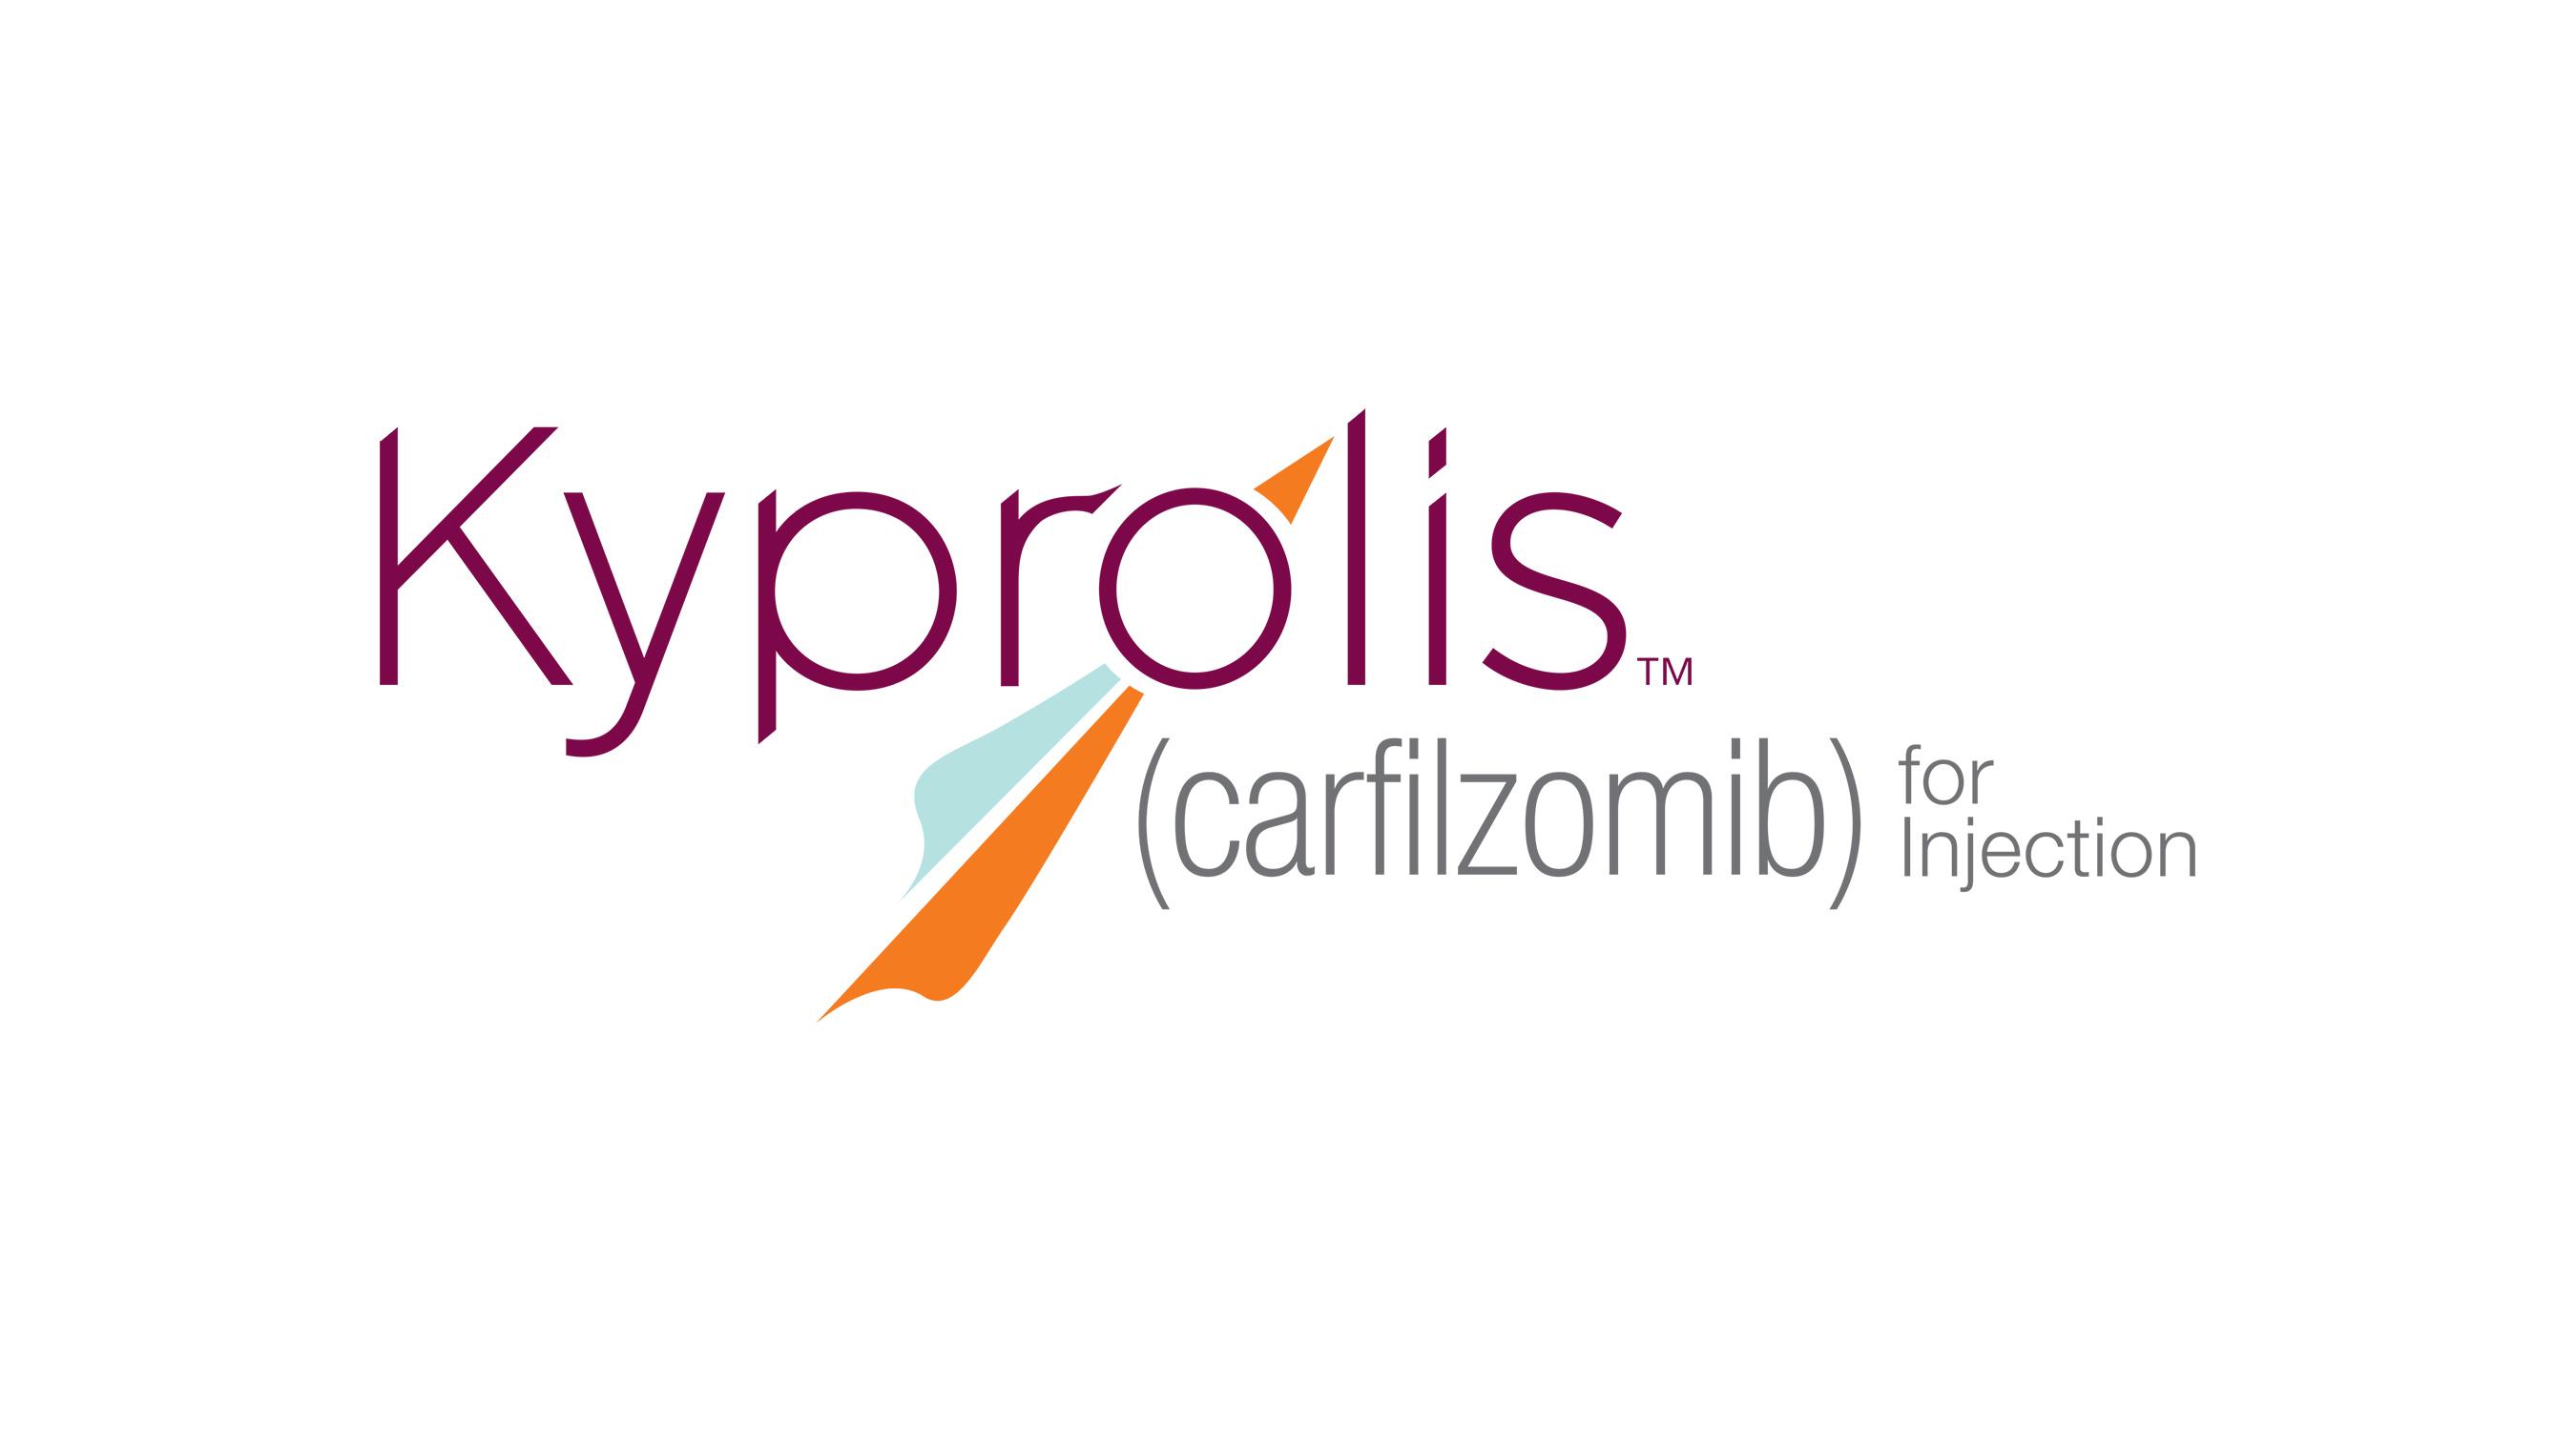 KYPROLIS® logo